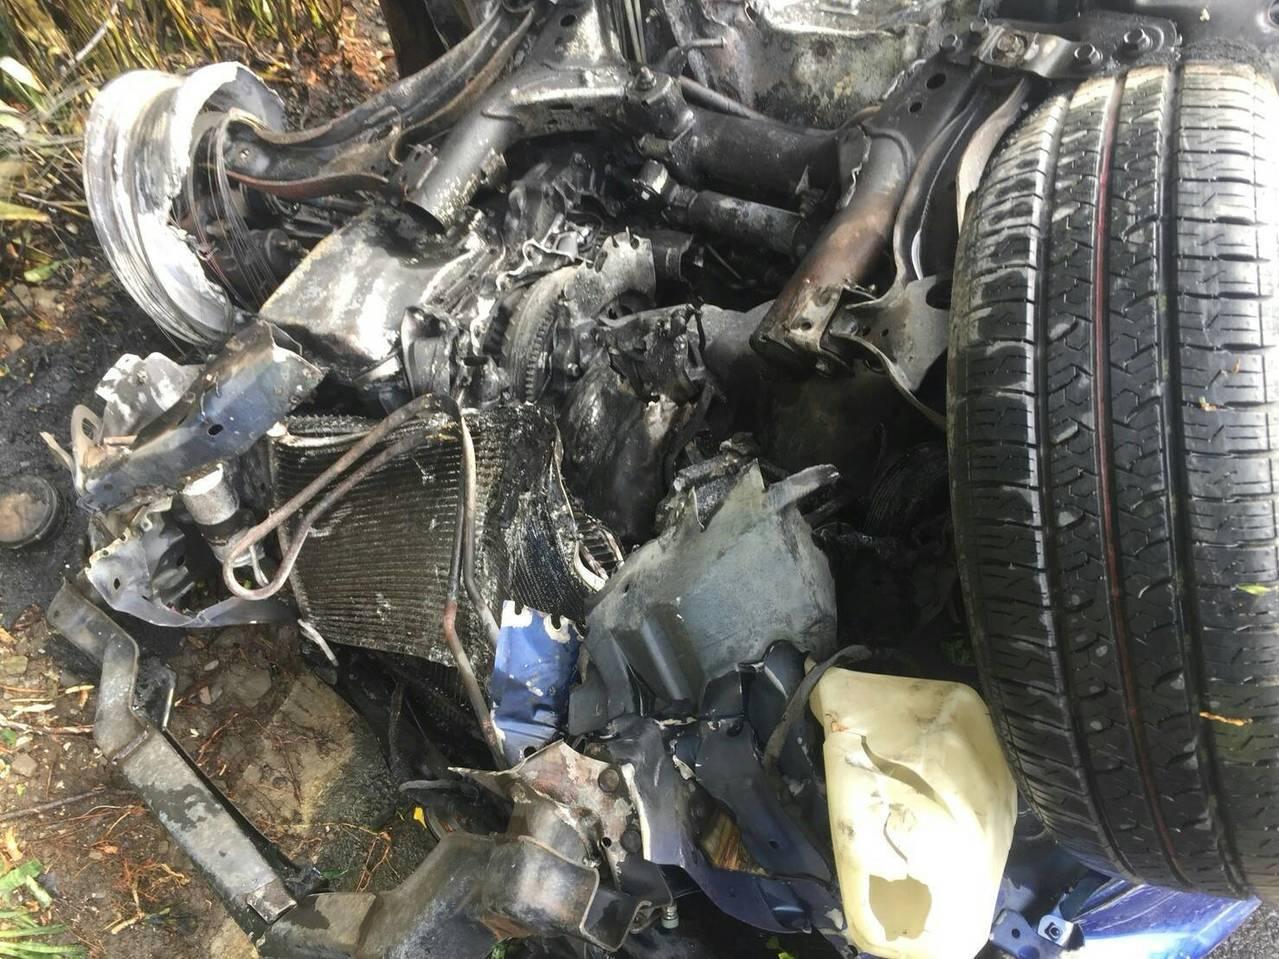 轎車撞駁坎翻覆起火面目全非。圖/玉里義消分隊提供